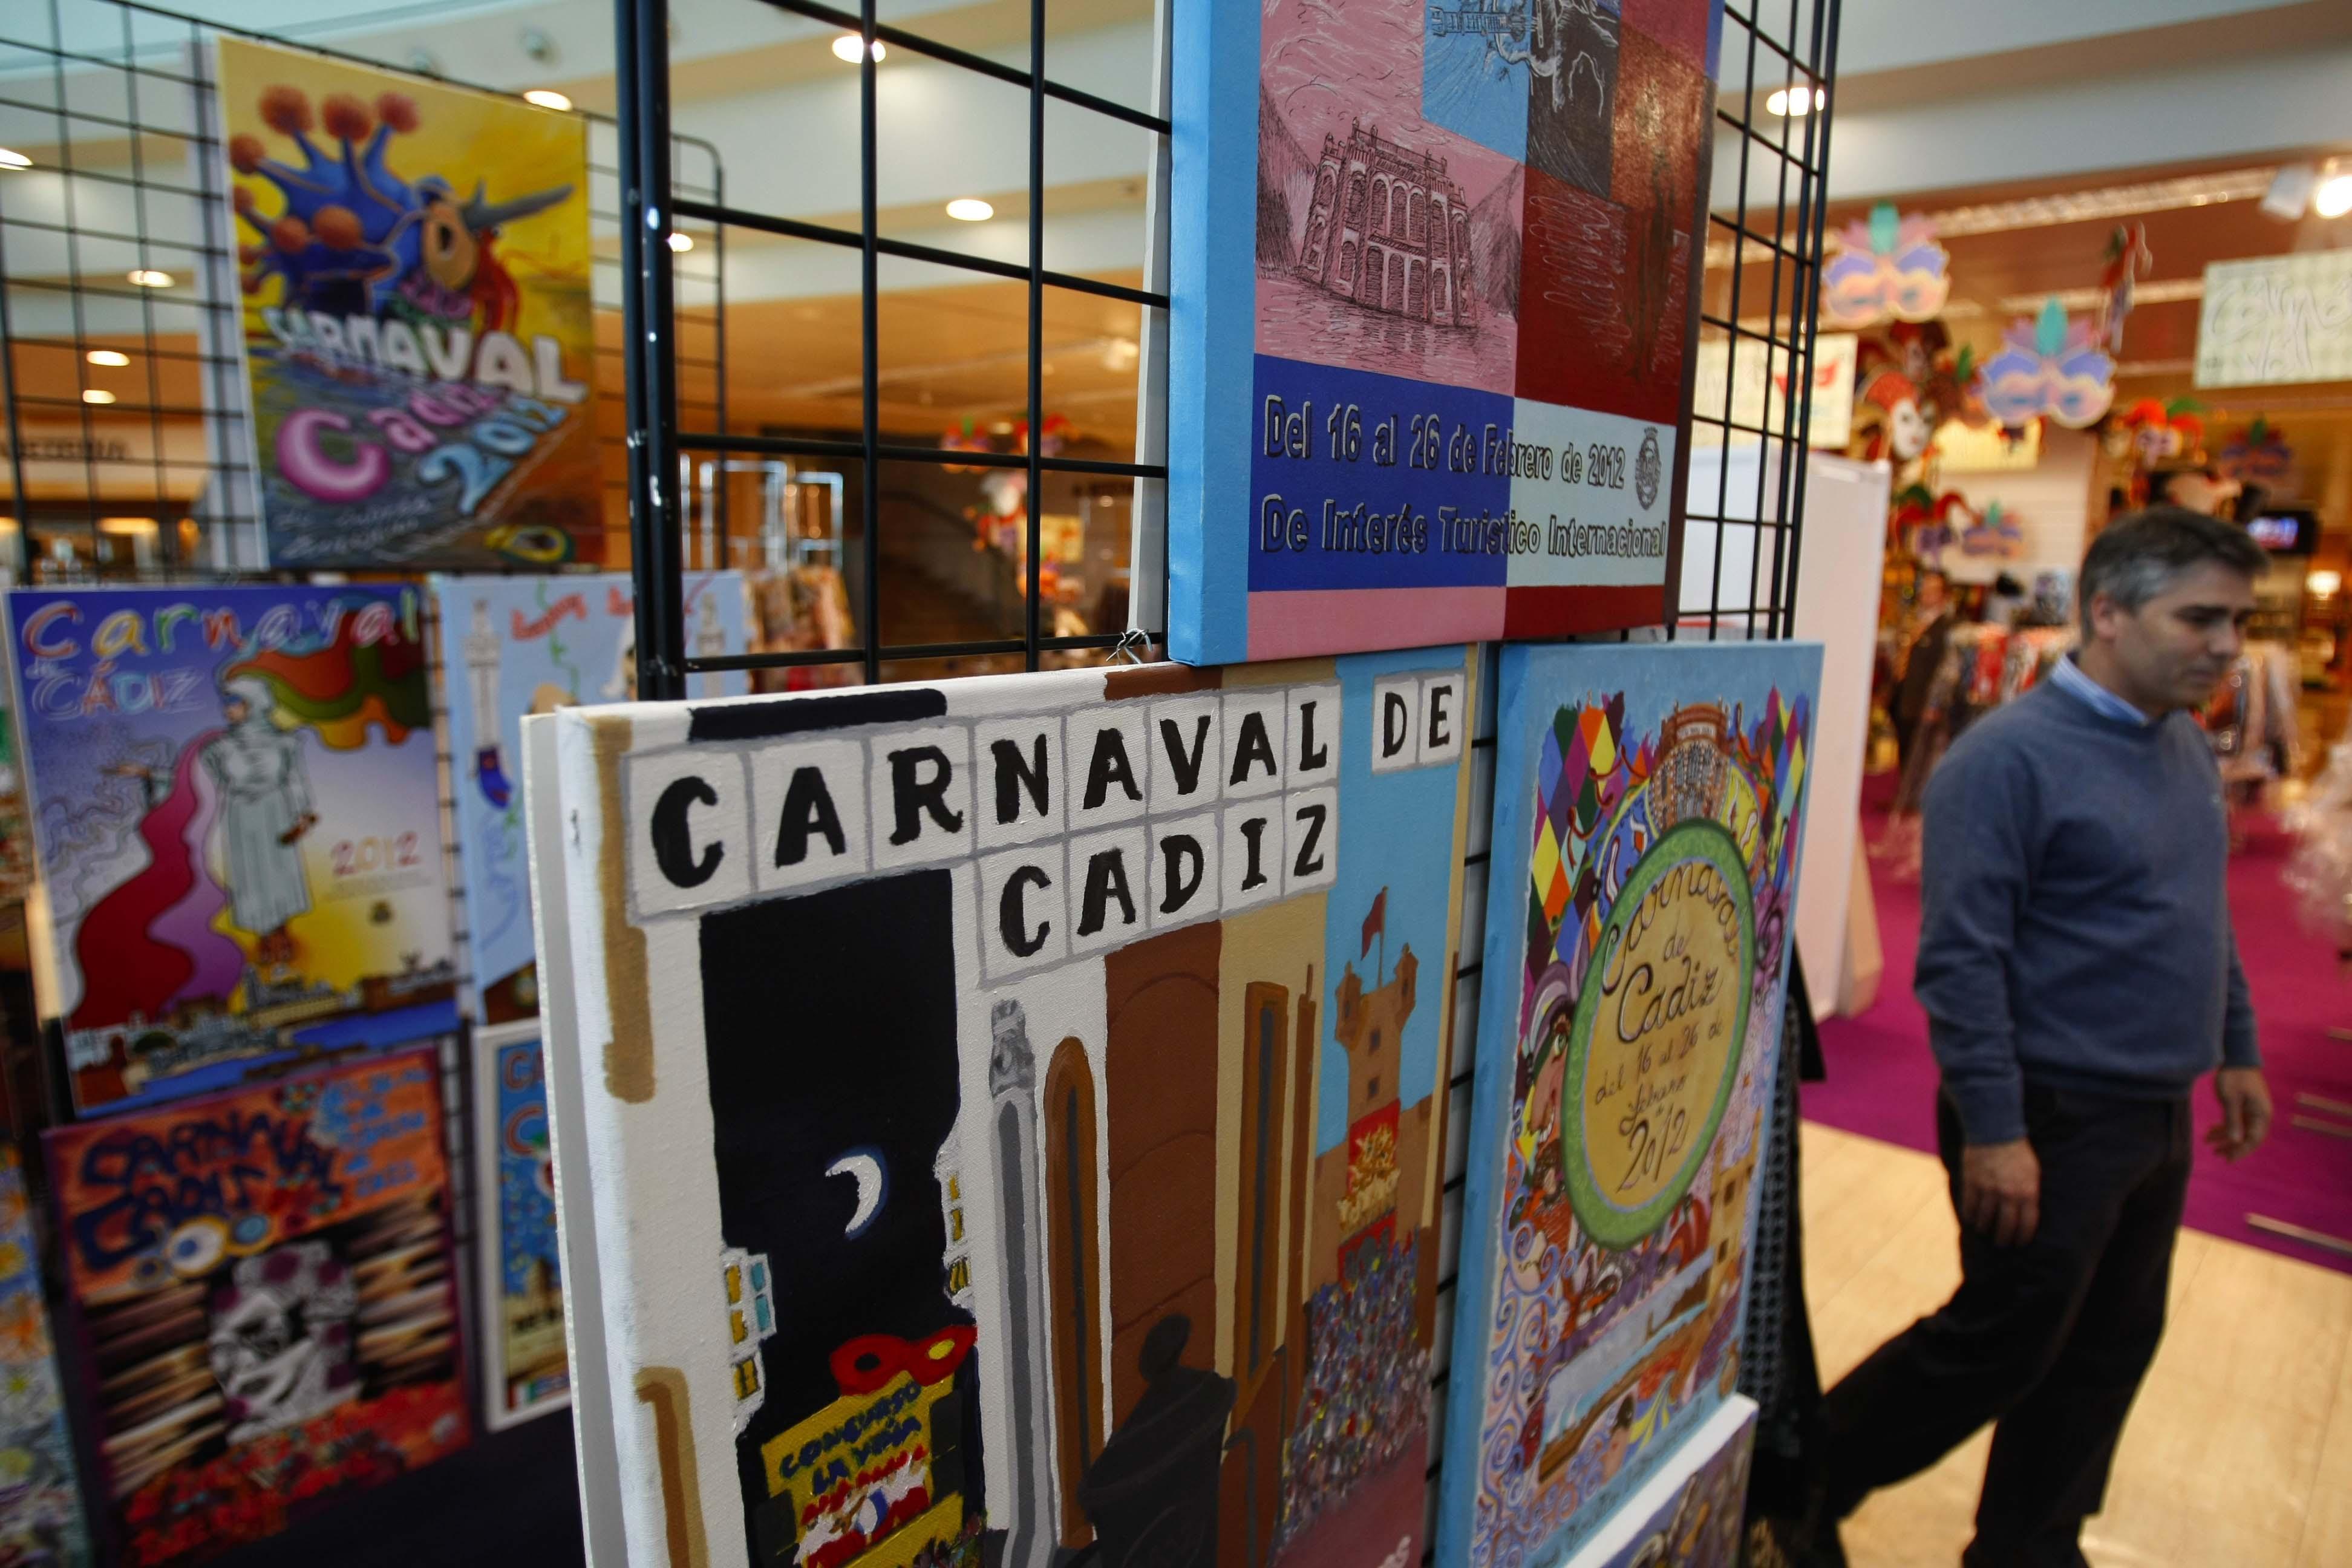 El Carnaval del año mágico busca cartel